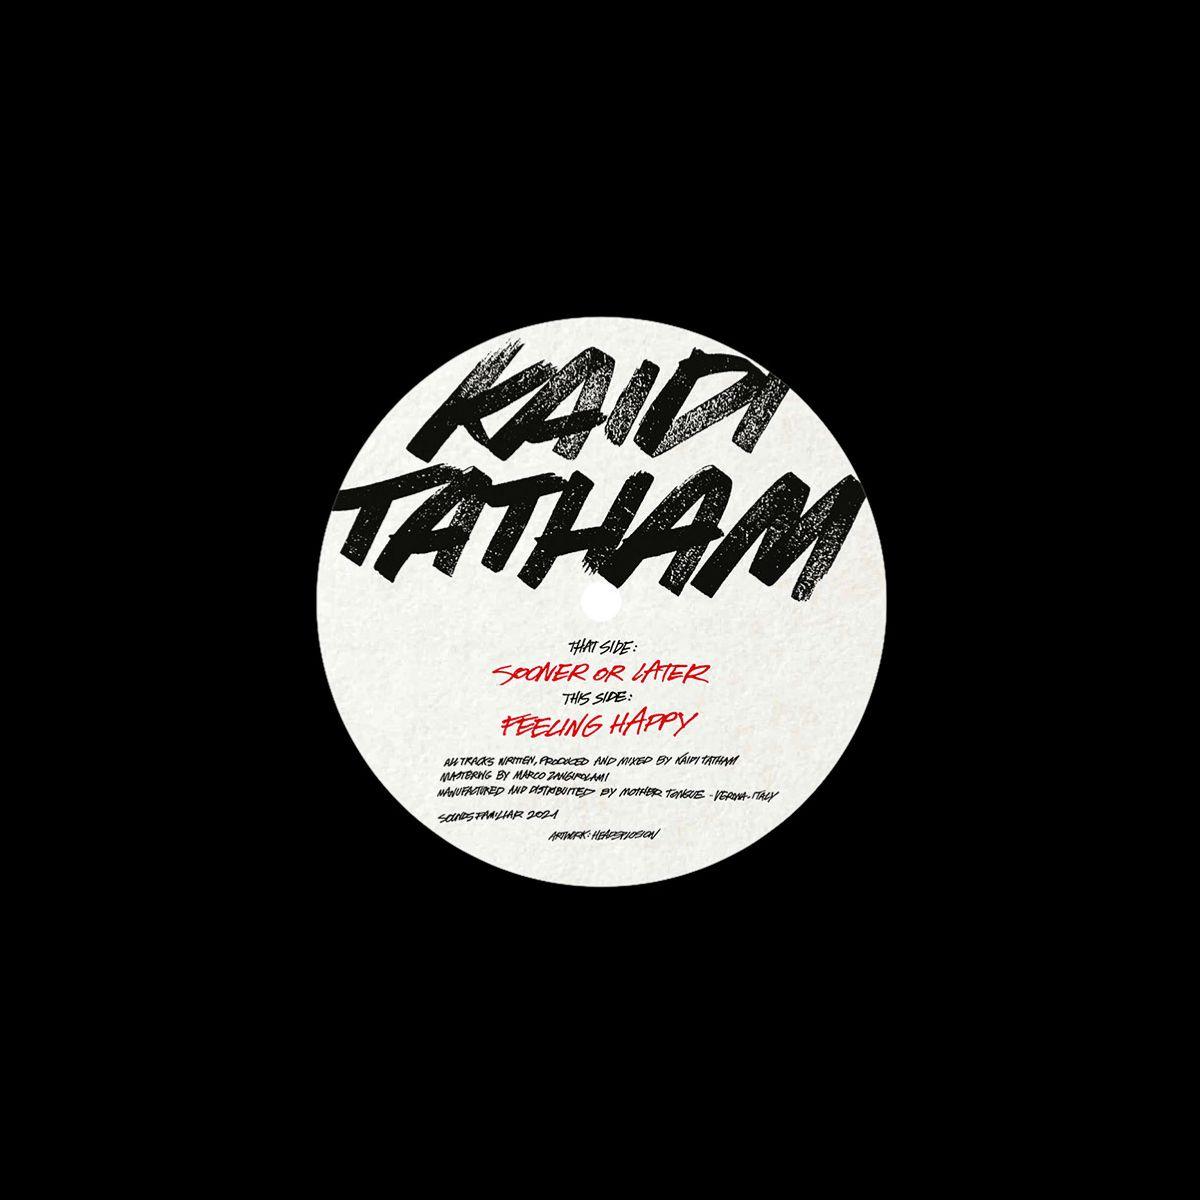 """Kaidi Tatham/7 INCH NAILS 7"""""""